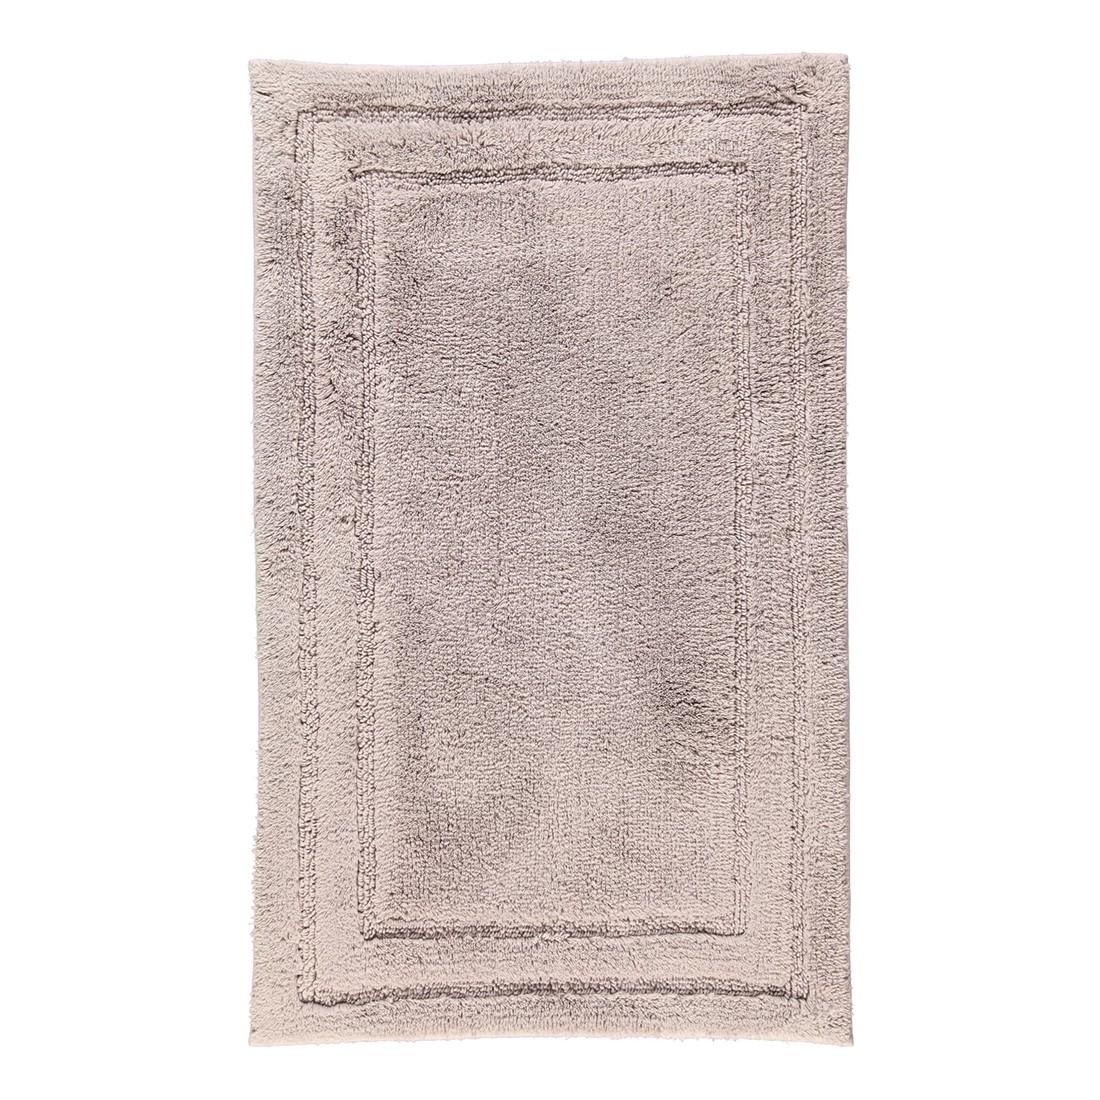 Badteppich Luxus Badteppich 1003 – 80% Baumwolle, 20% Viskose Silber – 775 – Abmessungen: 60 x 100 cm, Cawö günstig